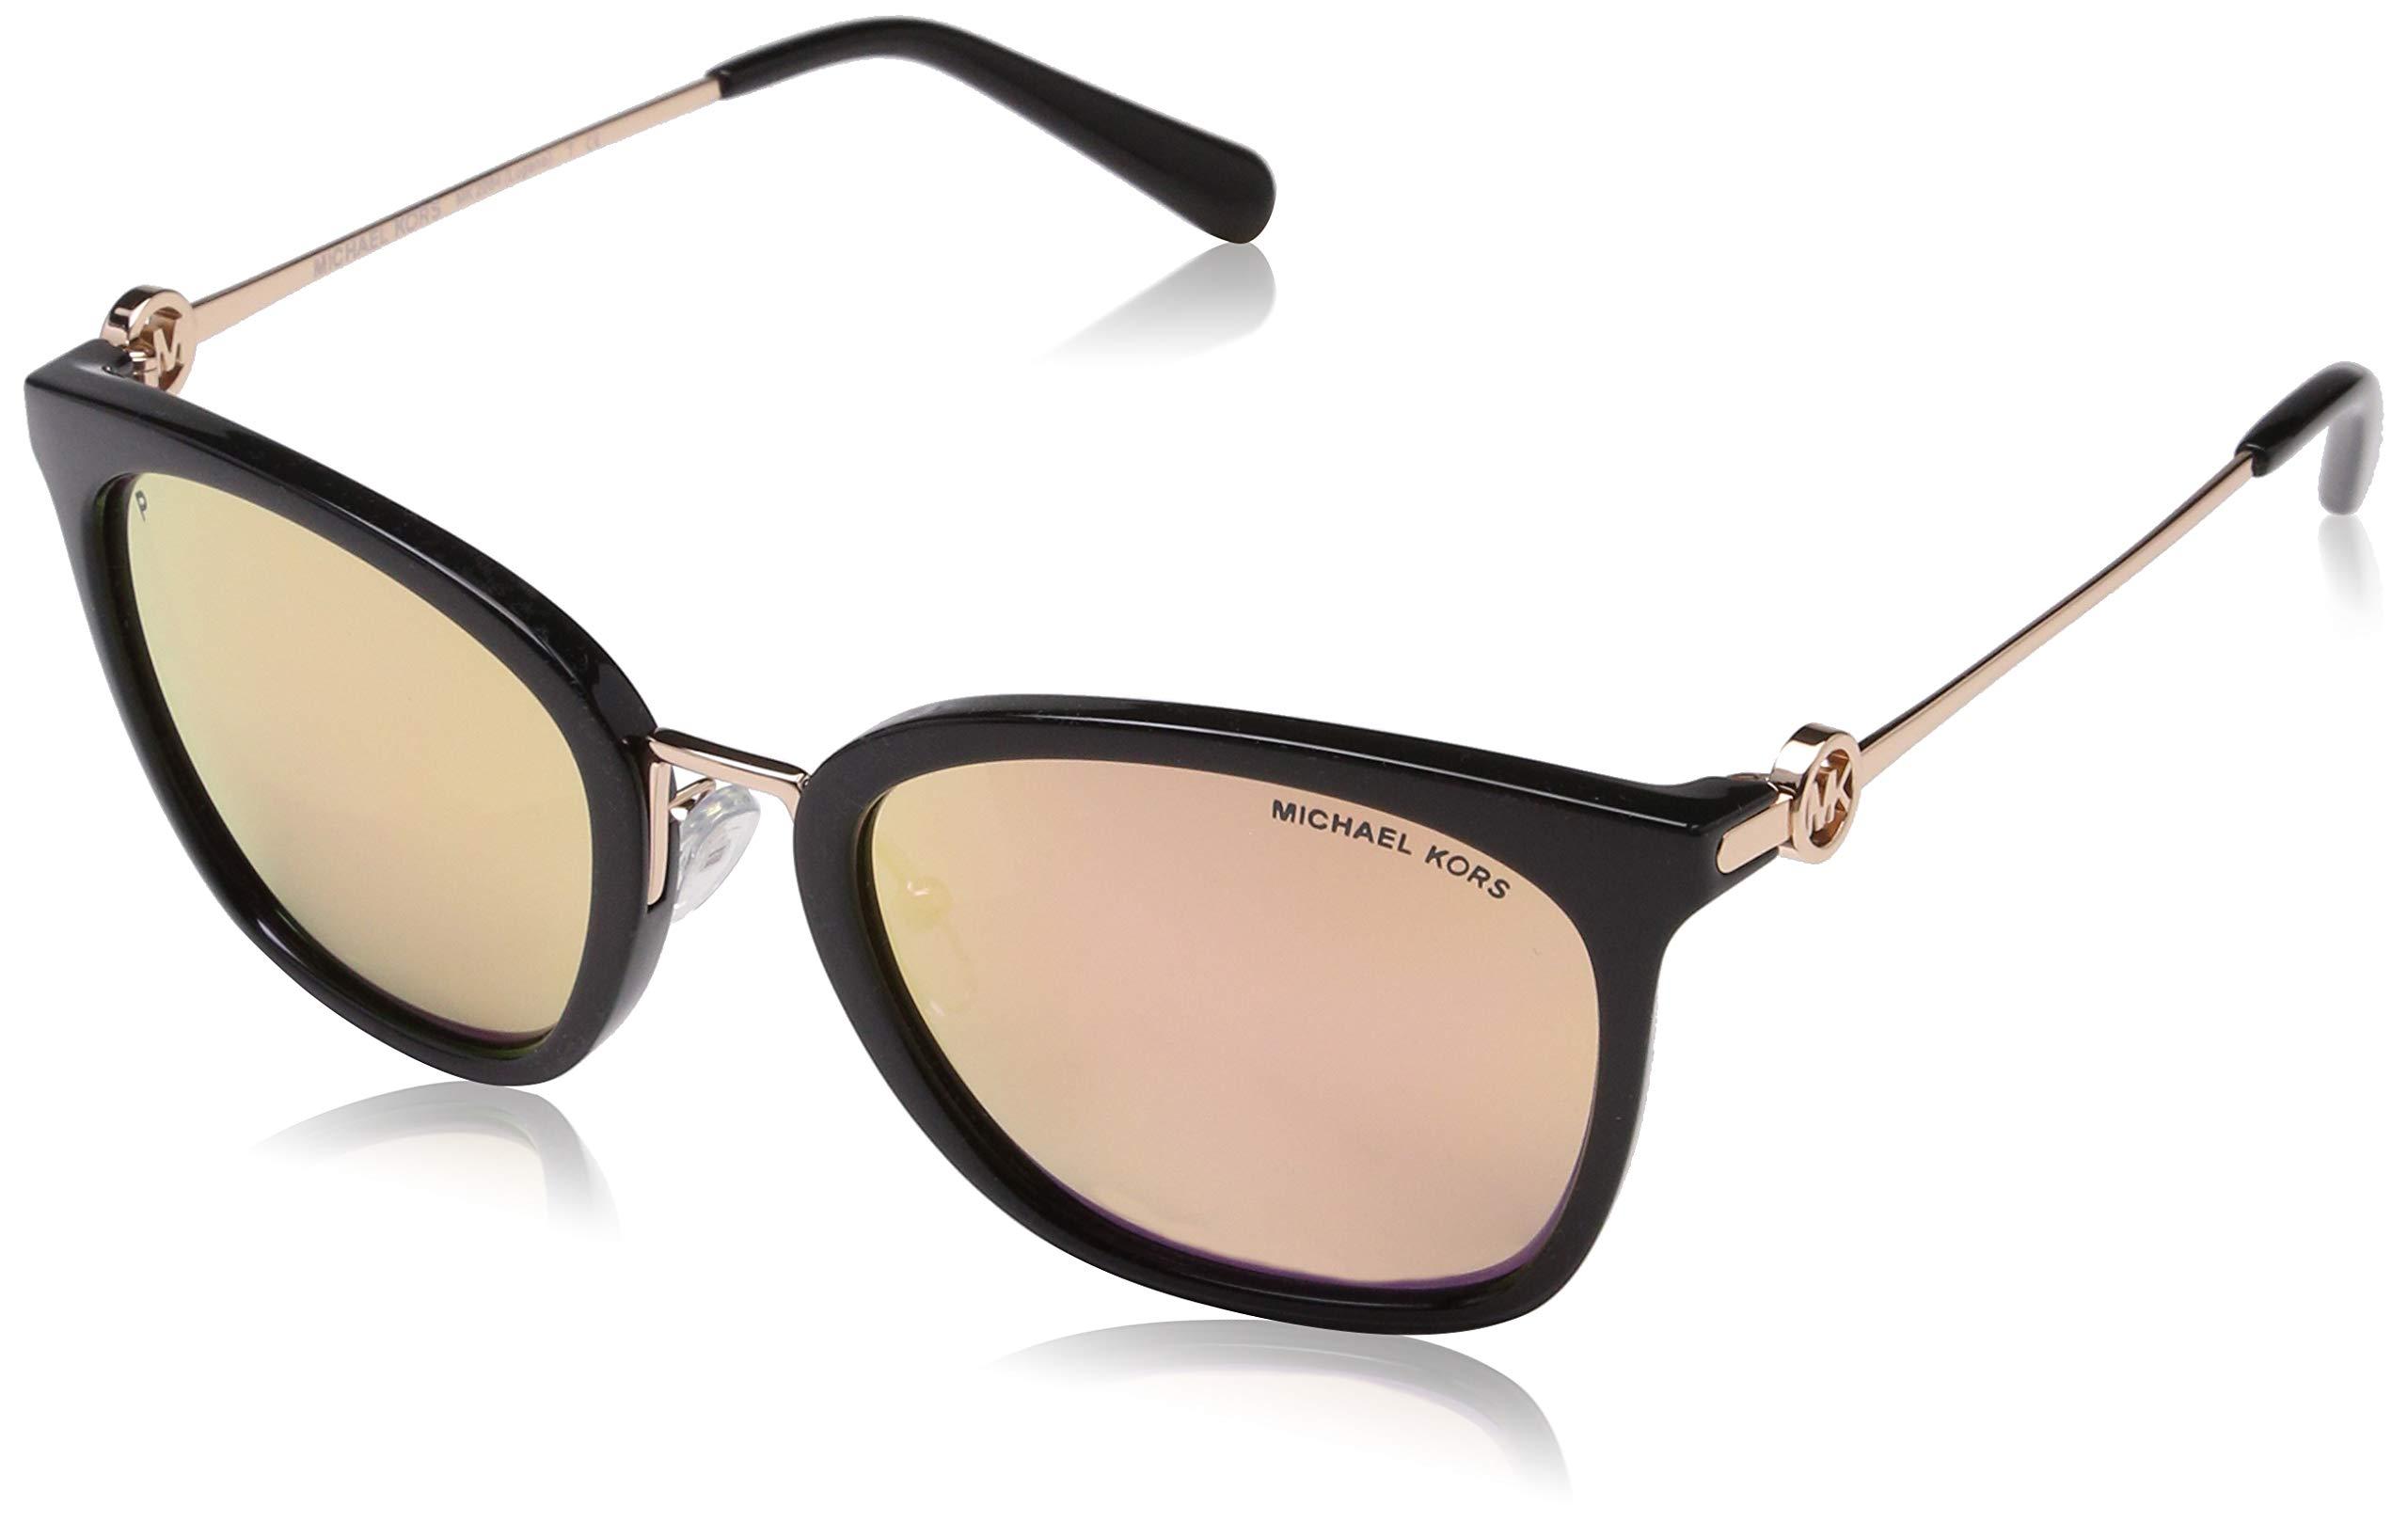 Eyeglasses Michael Kors MK 2064 3005N0 Black by Michael Kors